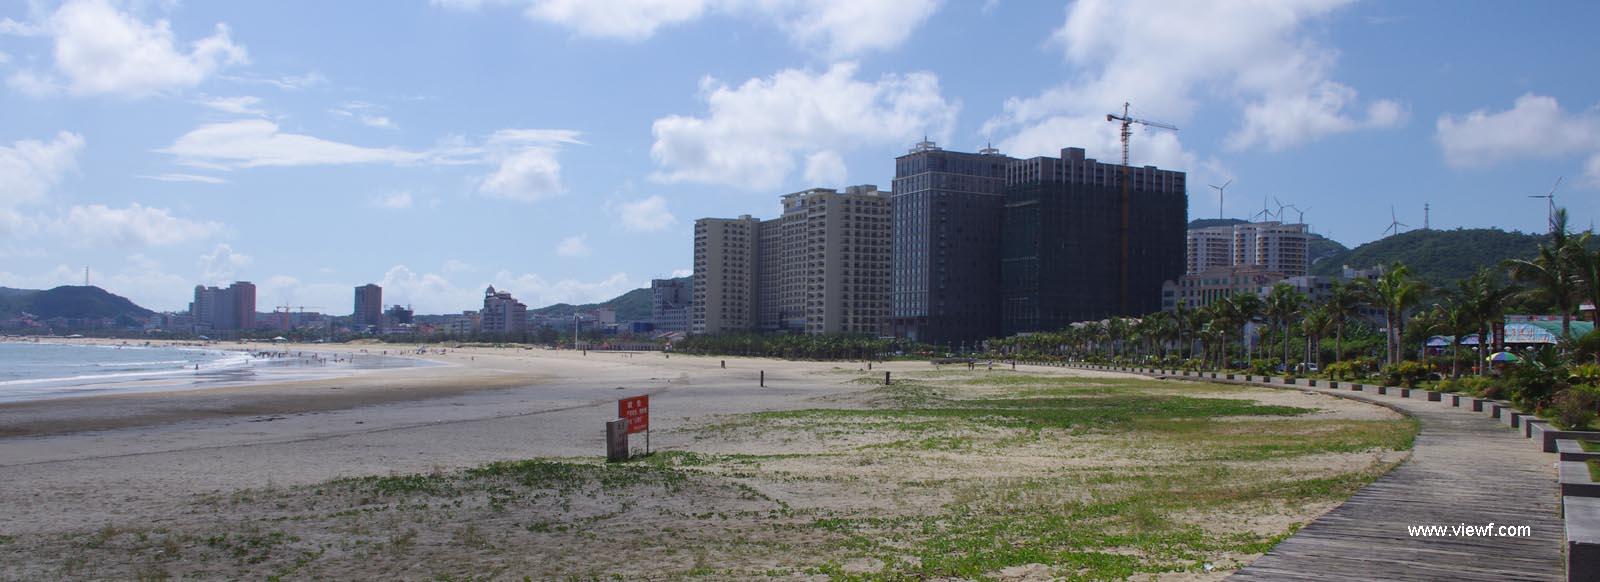 闸坡阳光半岛国际酒店